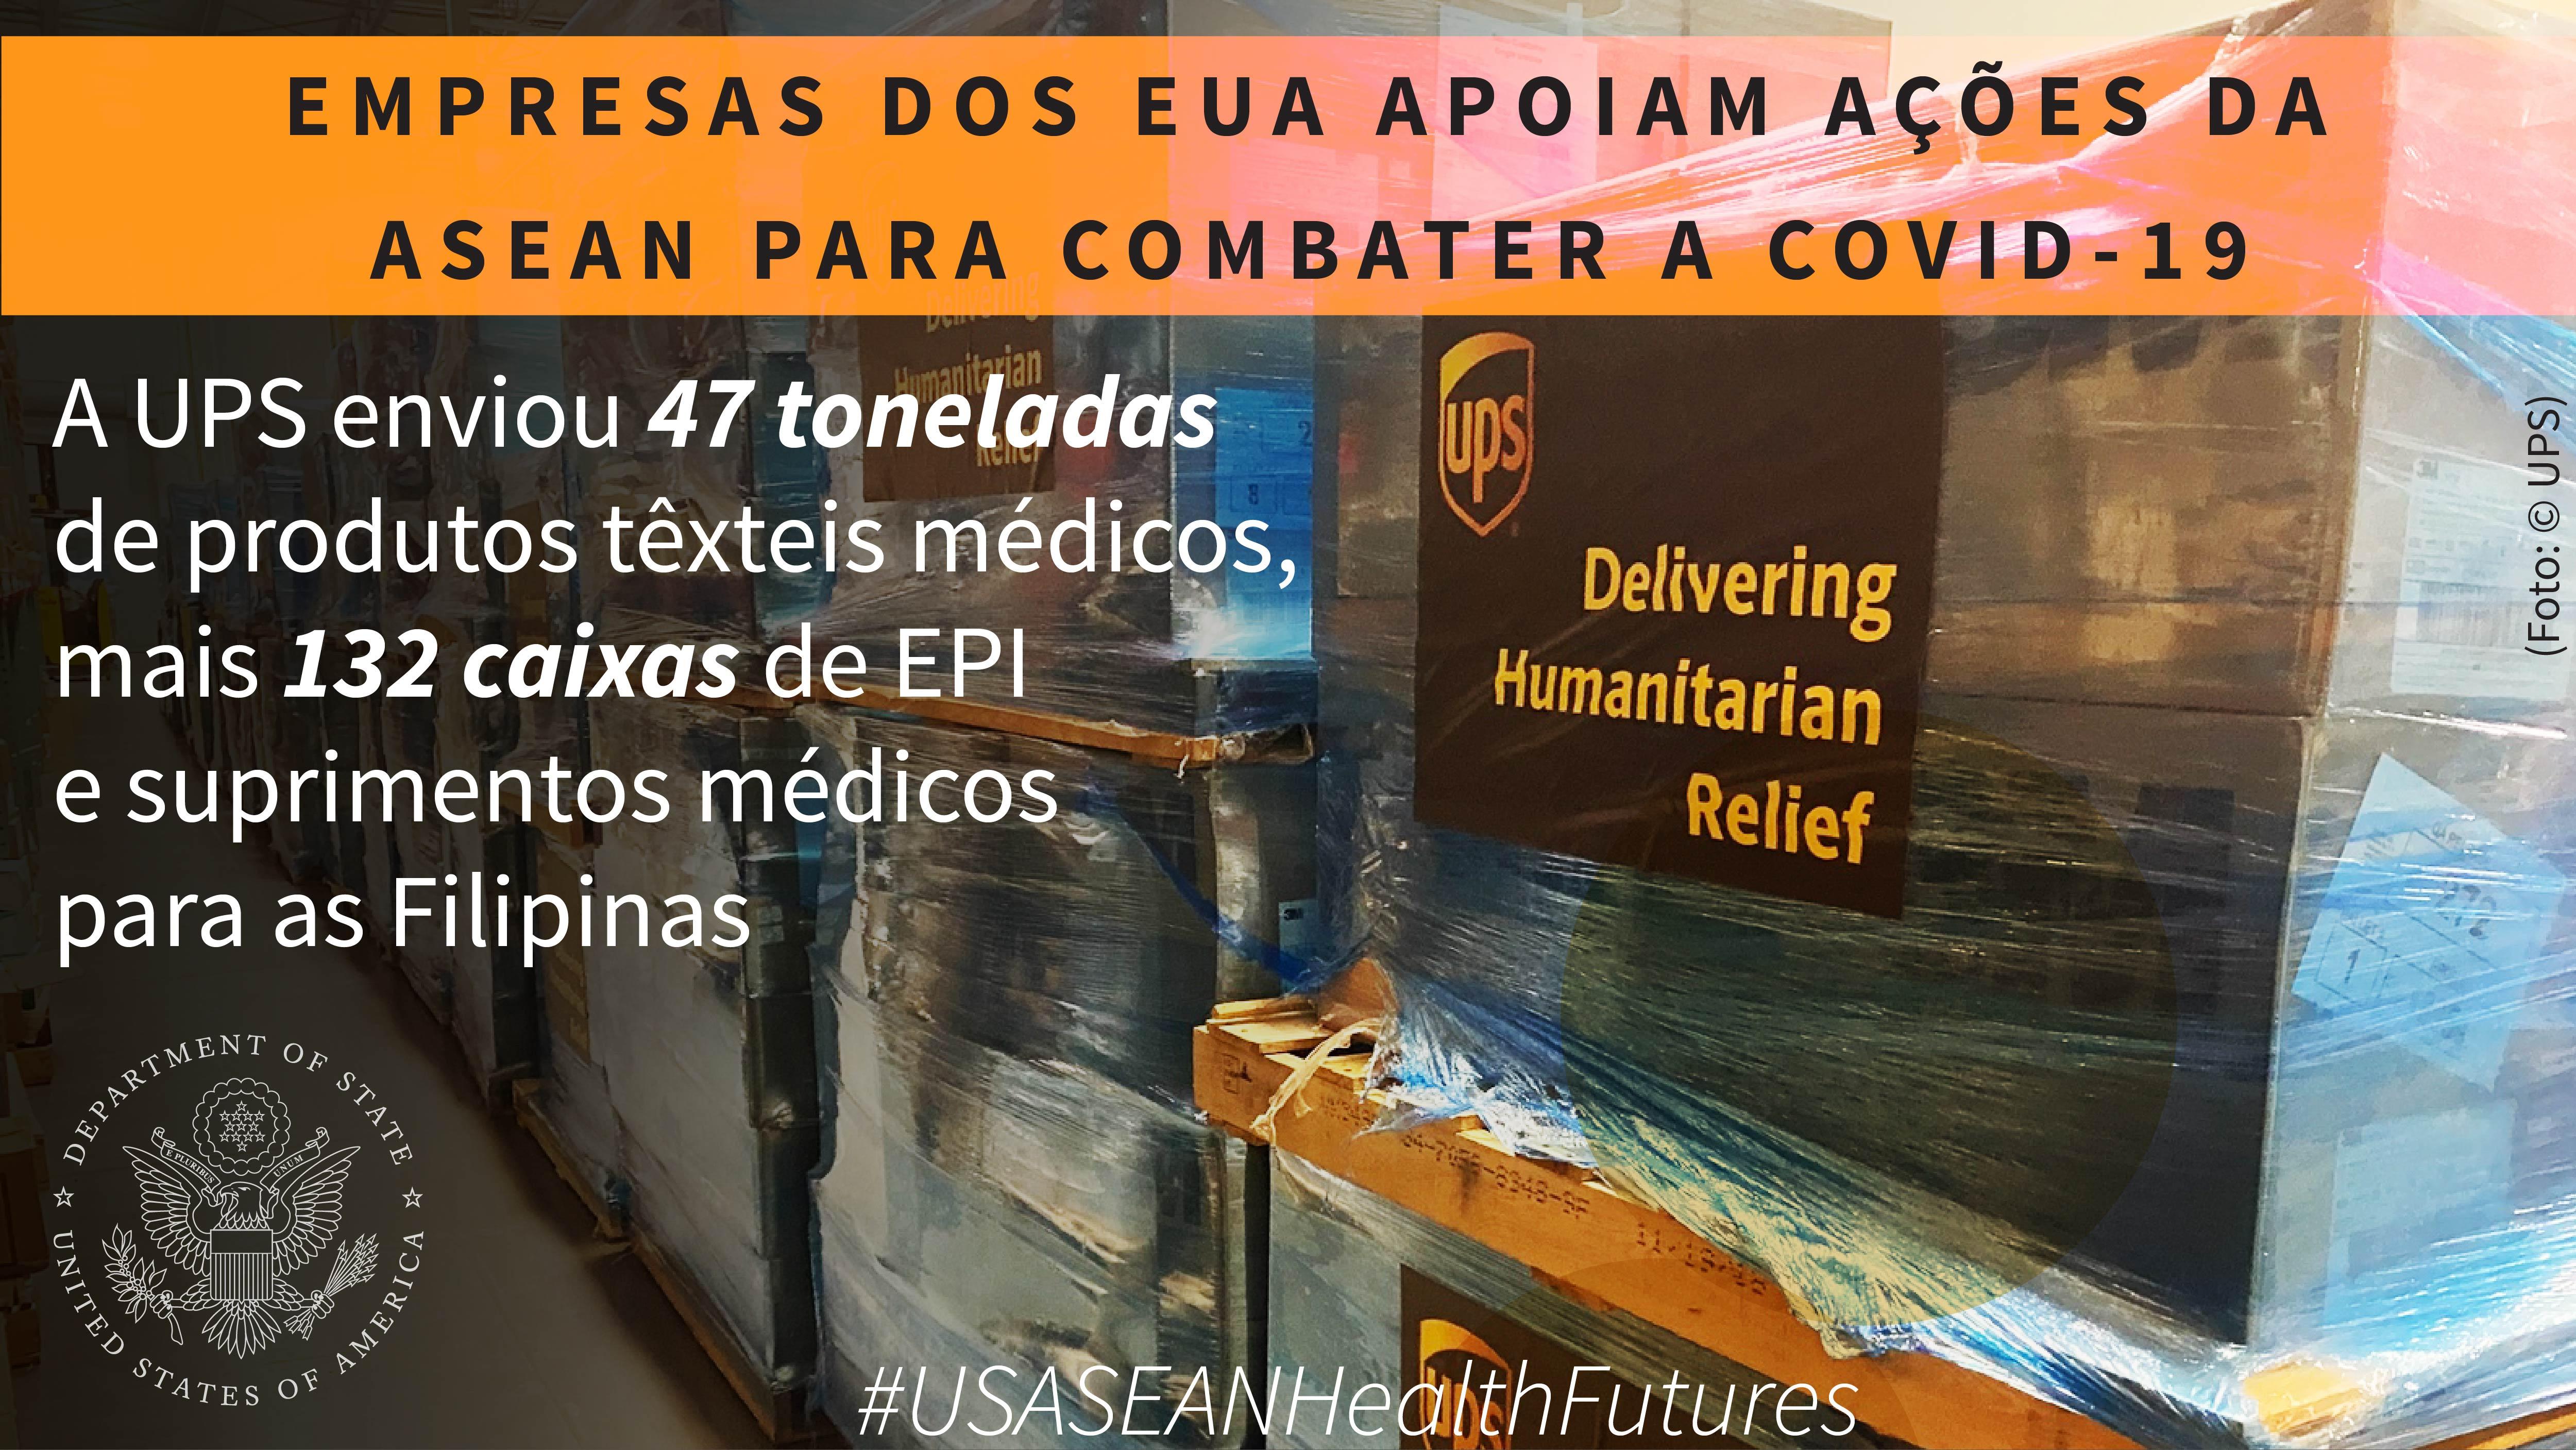 Gráfico sobre o apoio que empresas americanas têm dado à resposta ao tratamento da Covid-19 em países da Asean, e foto de suprimentos em plataformas sobre rodinhas (Depto. de Estado/Foto: © UPS)